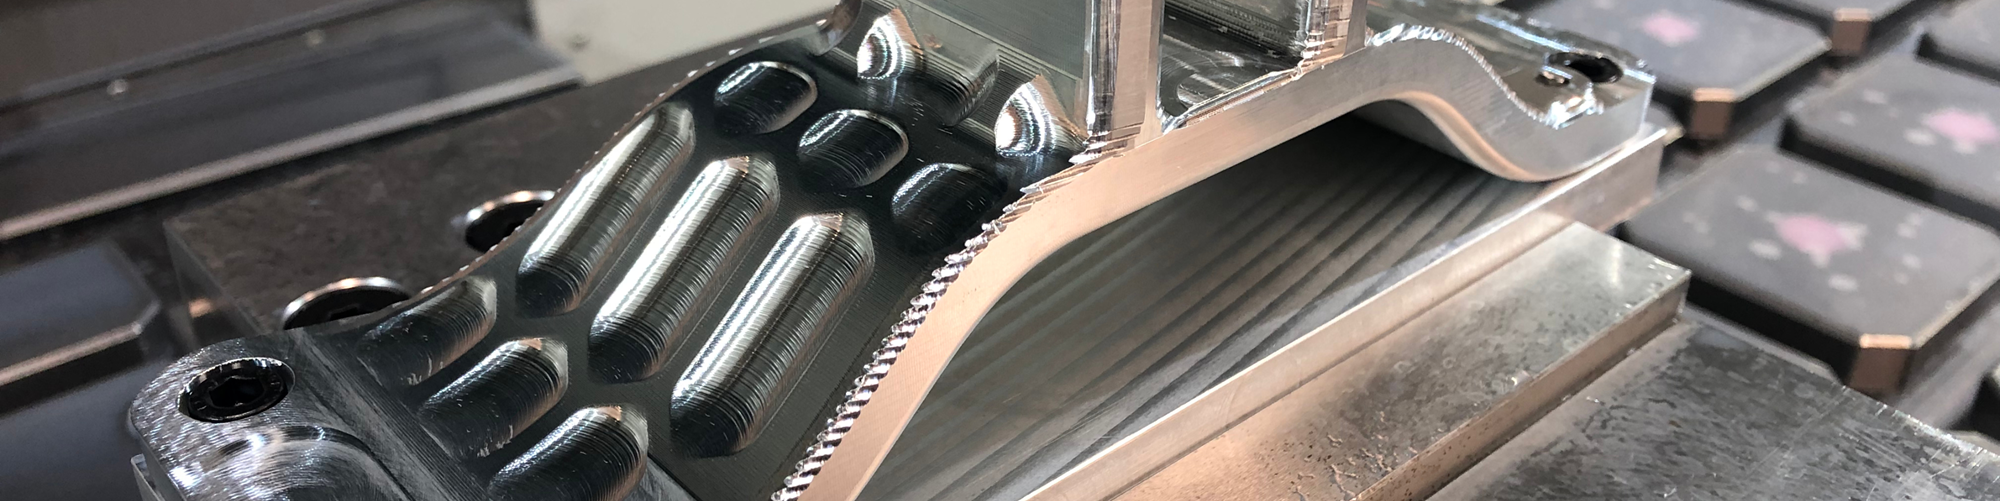 Proceso de semiacabado para una pieza de muestra del sector aeroespacial. Material: aluminio 6061-T6. Mecanizado en 3 ejes con múltiples montajes.